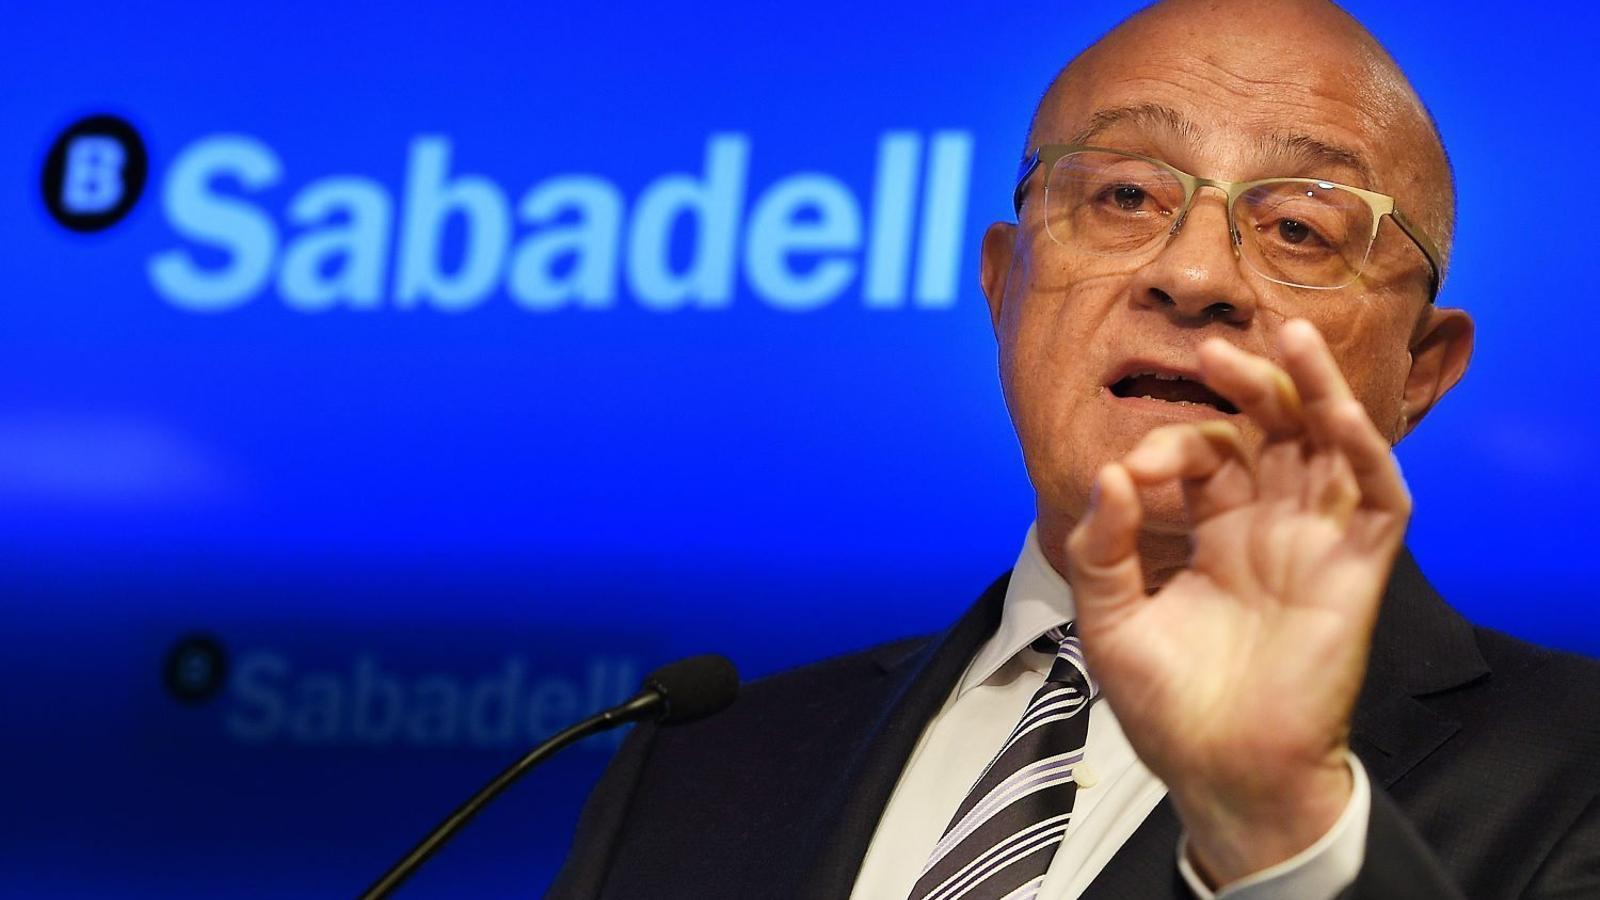 Josep Oliu durant la conferència de premsa de presentació de resultats celebrada ahir.